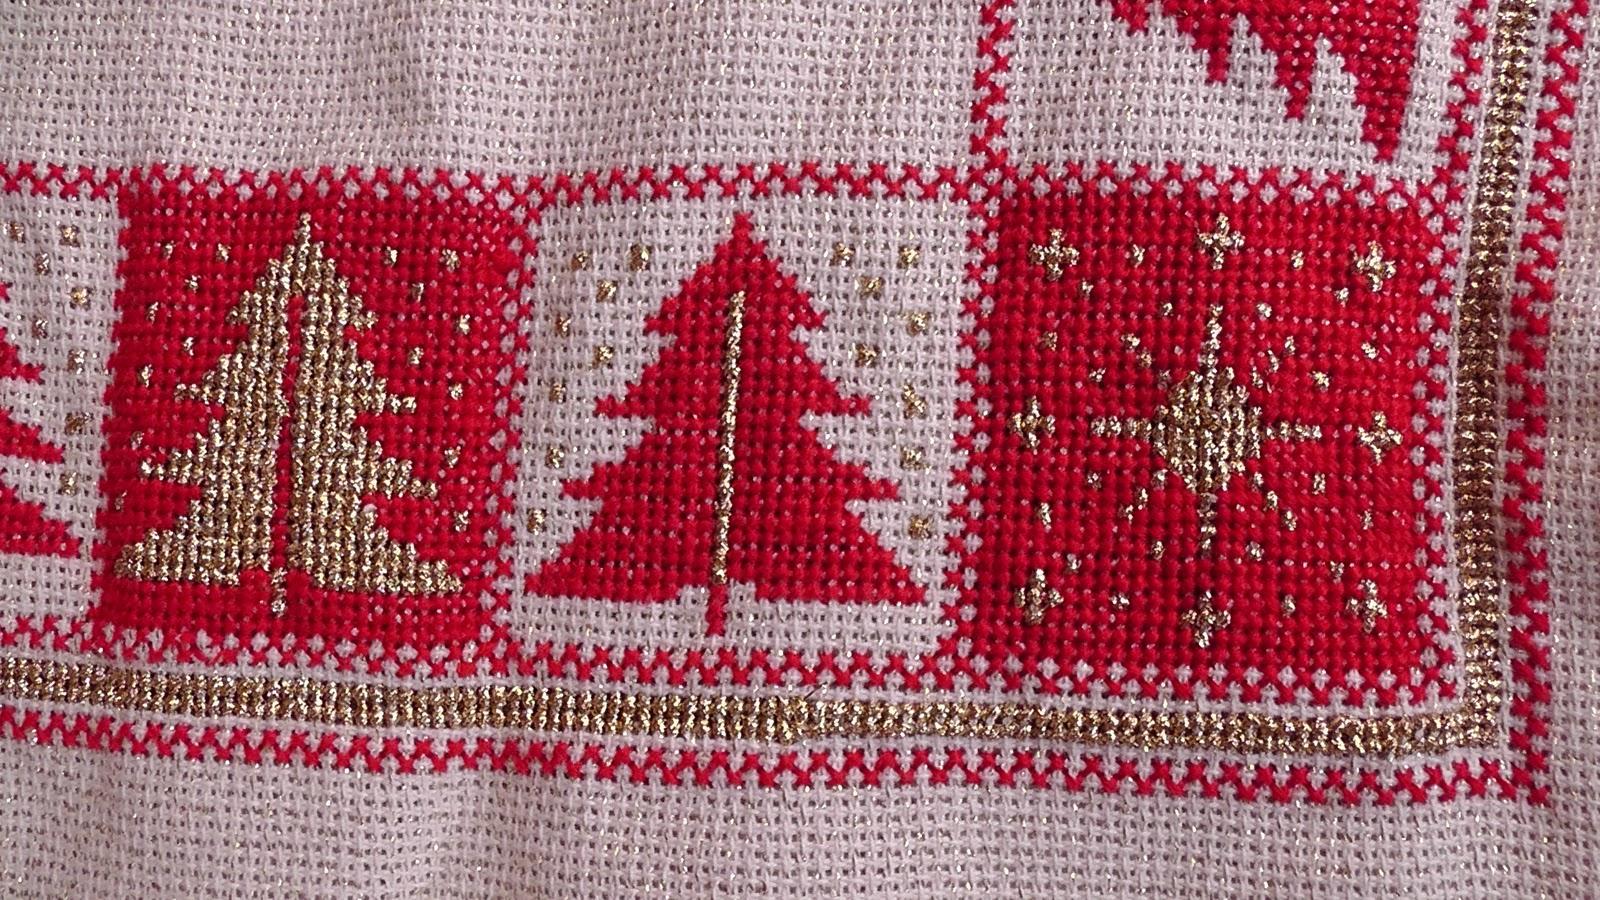 Κέντημα - χριστουγεννιάτικα μοτίβα